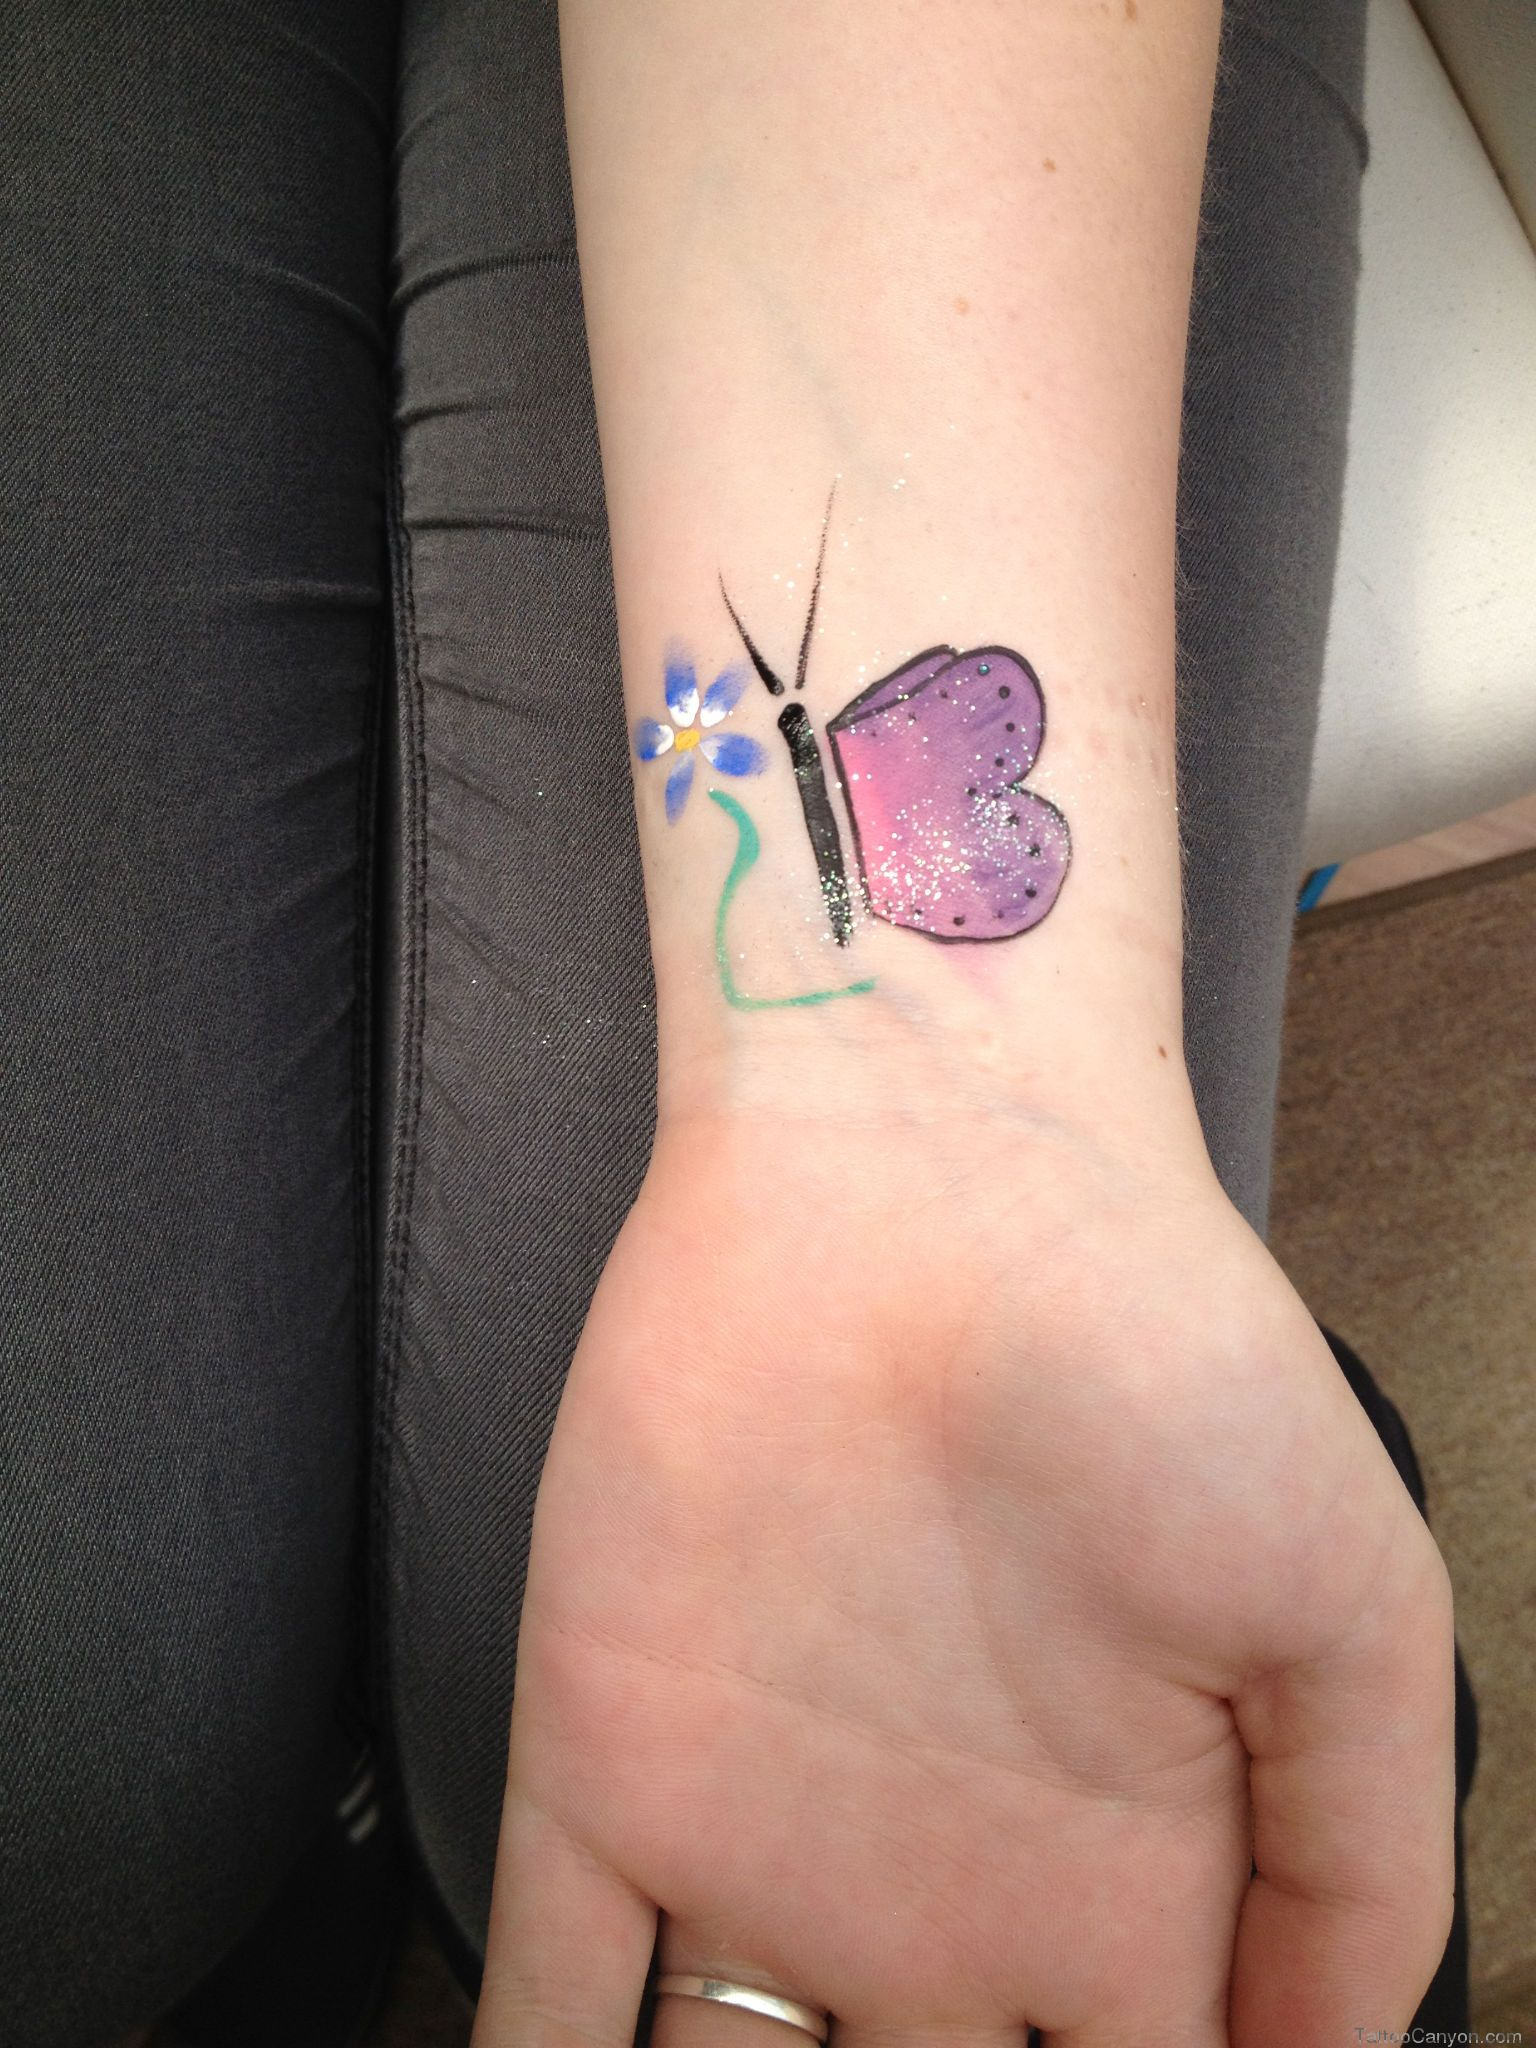 tattoo designs wrist tattoos ideas butterfly tattoo